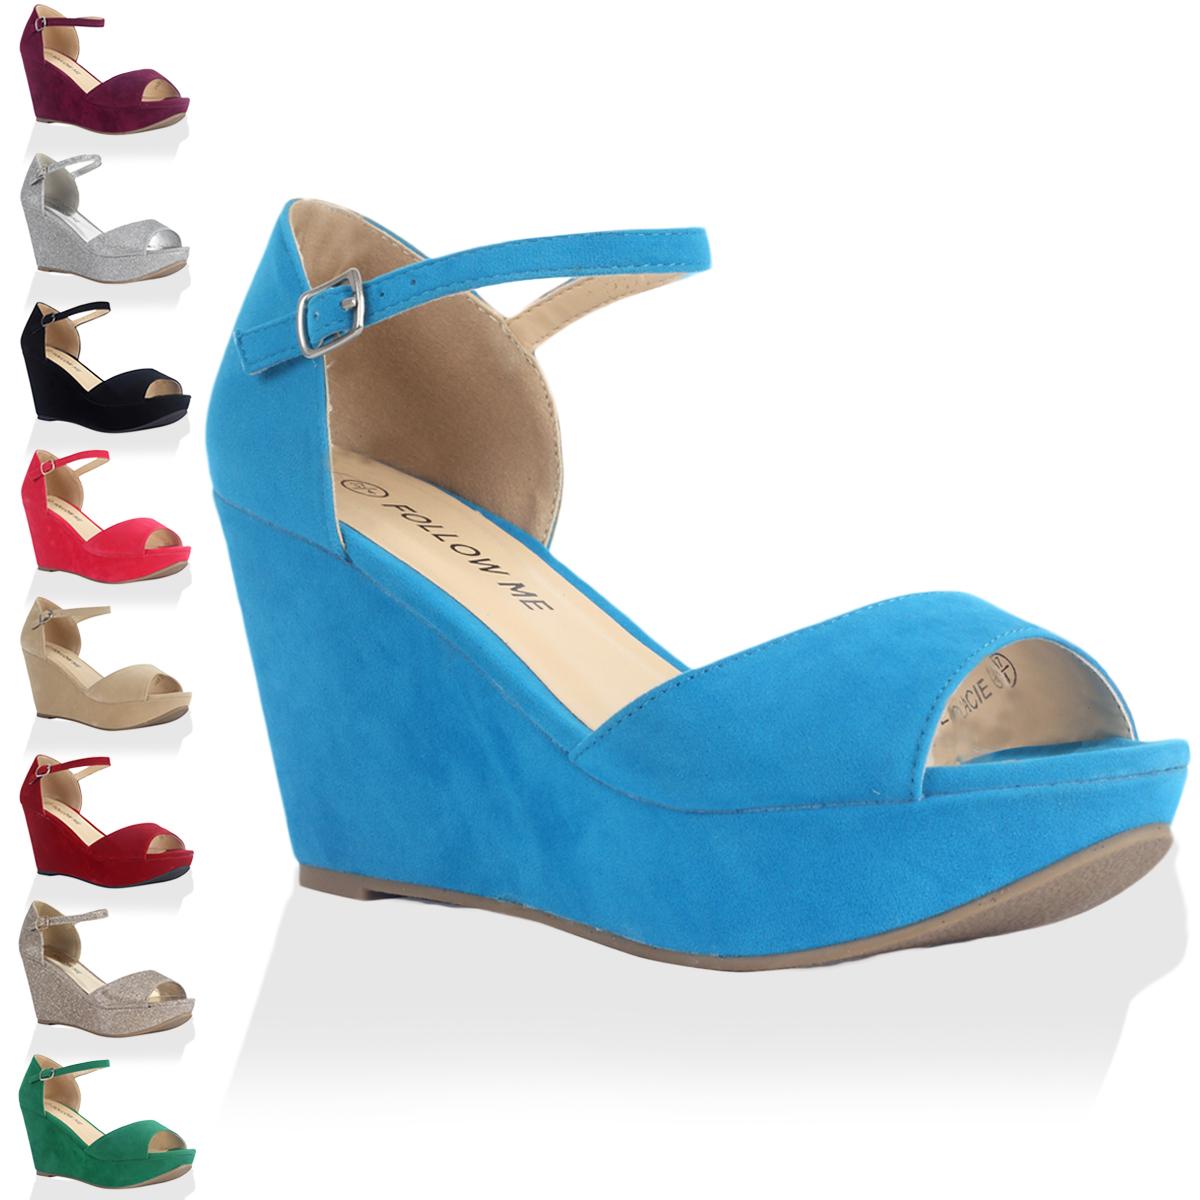 New Ladies Ankle Strap Womens Peep Toe Platform High Wedge Heel ...